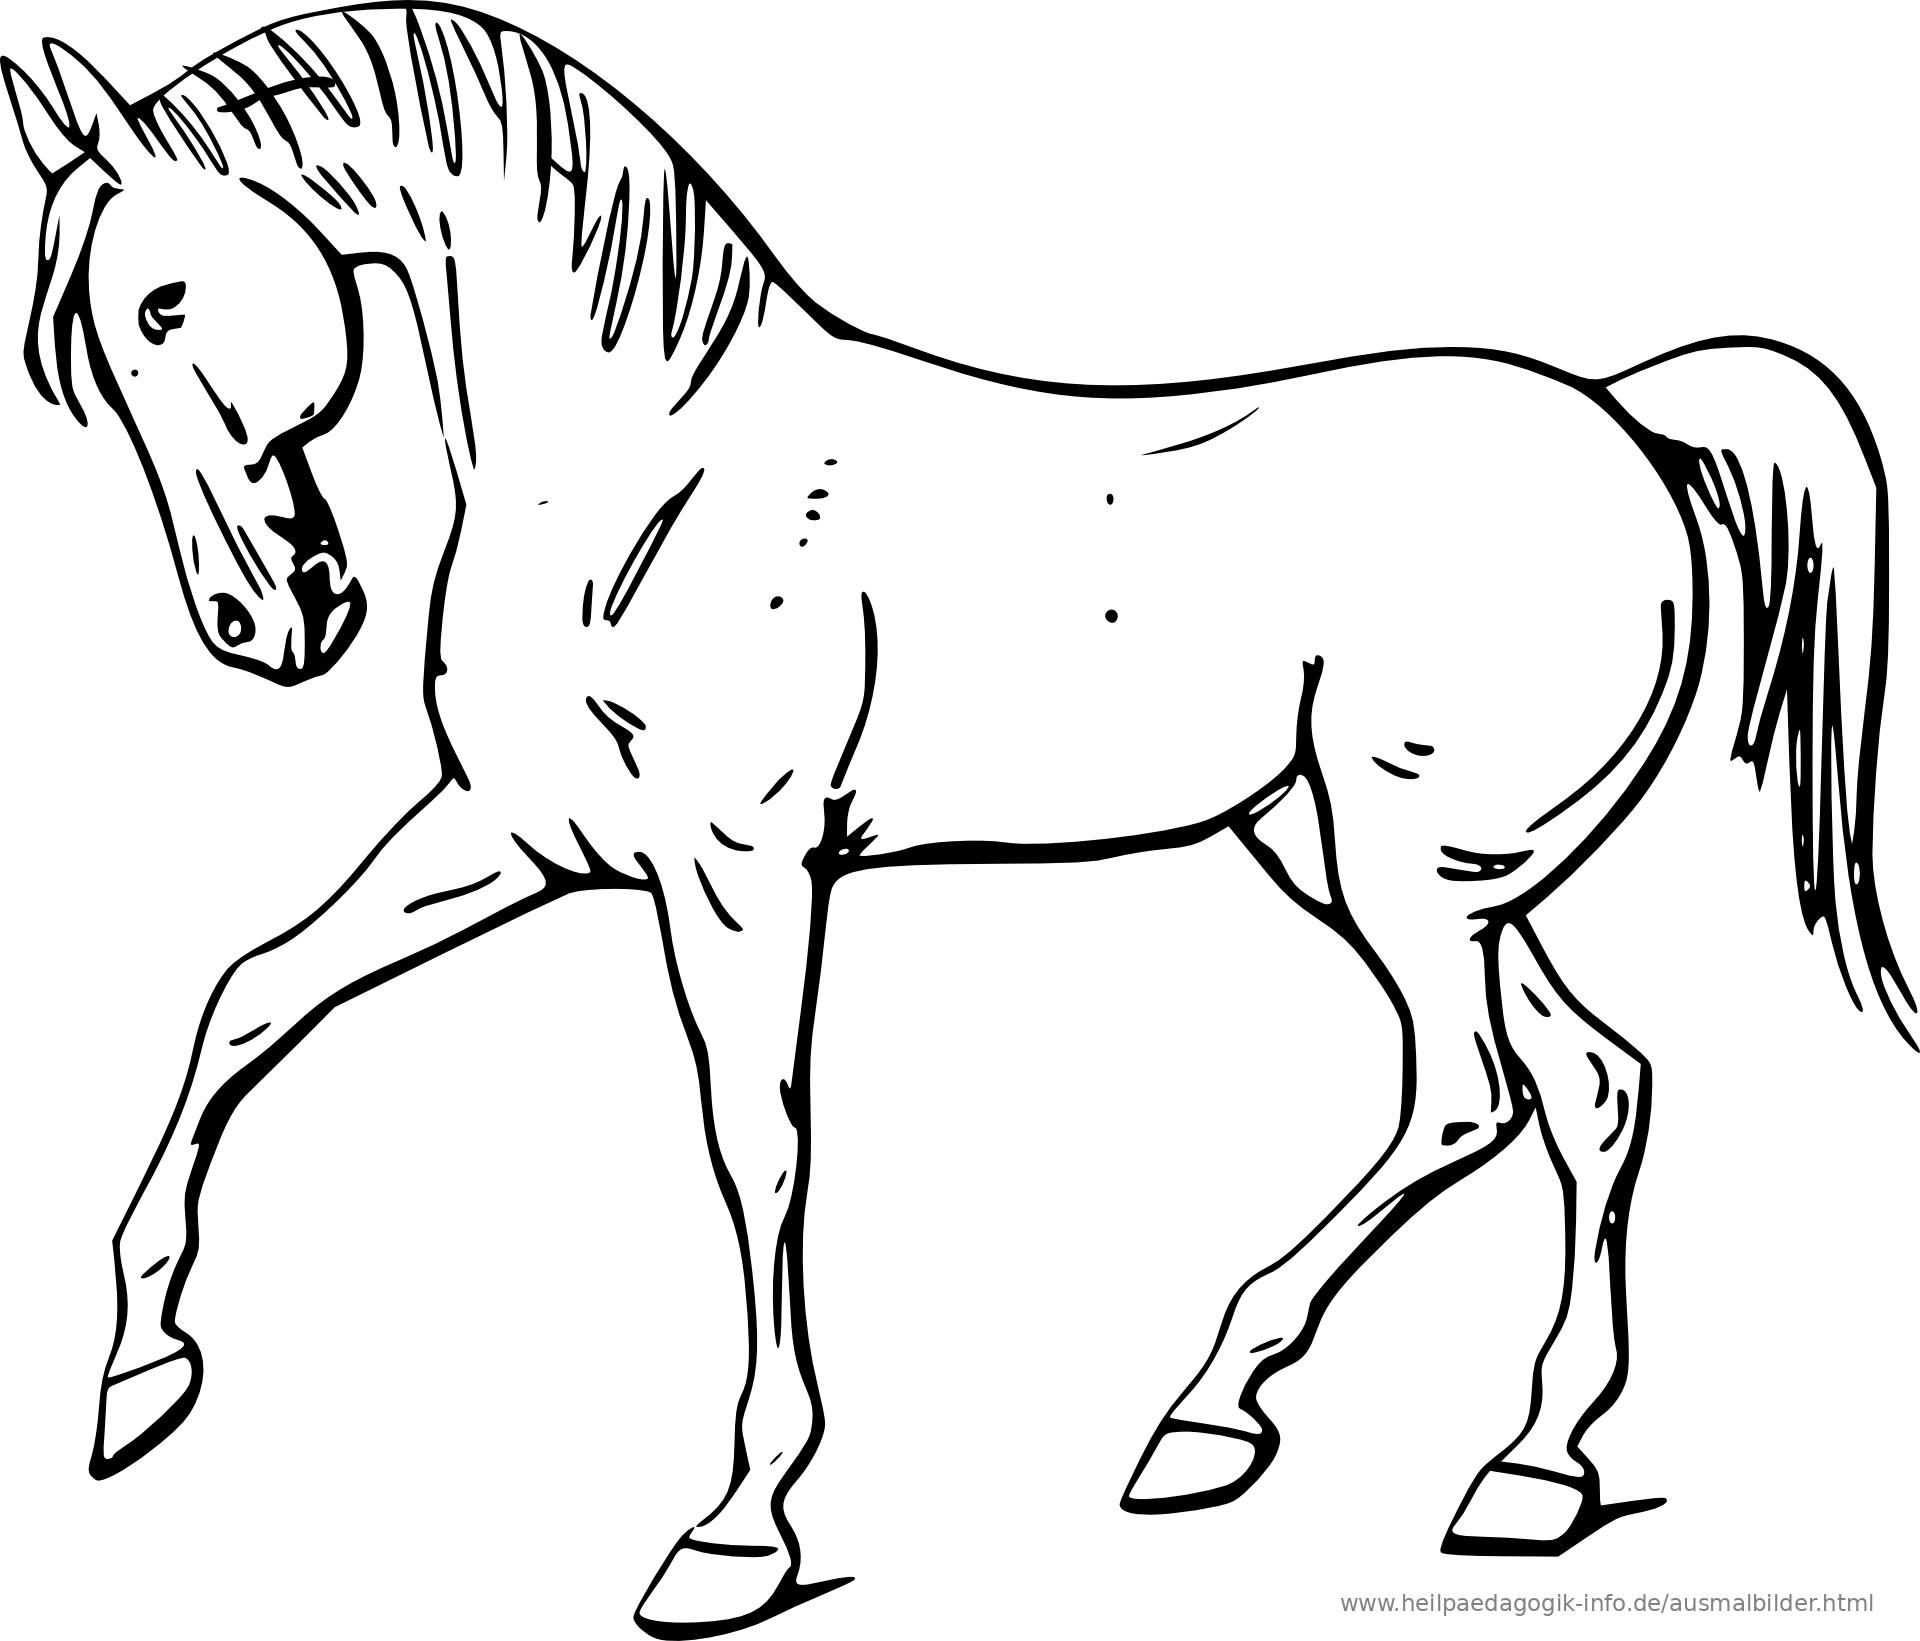 ausmalbilder ostern pferde  x13 ein bild zeichnen